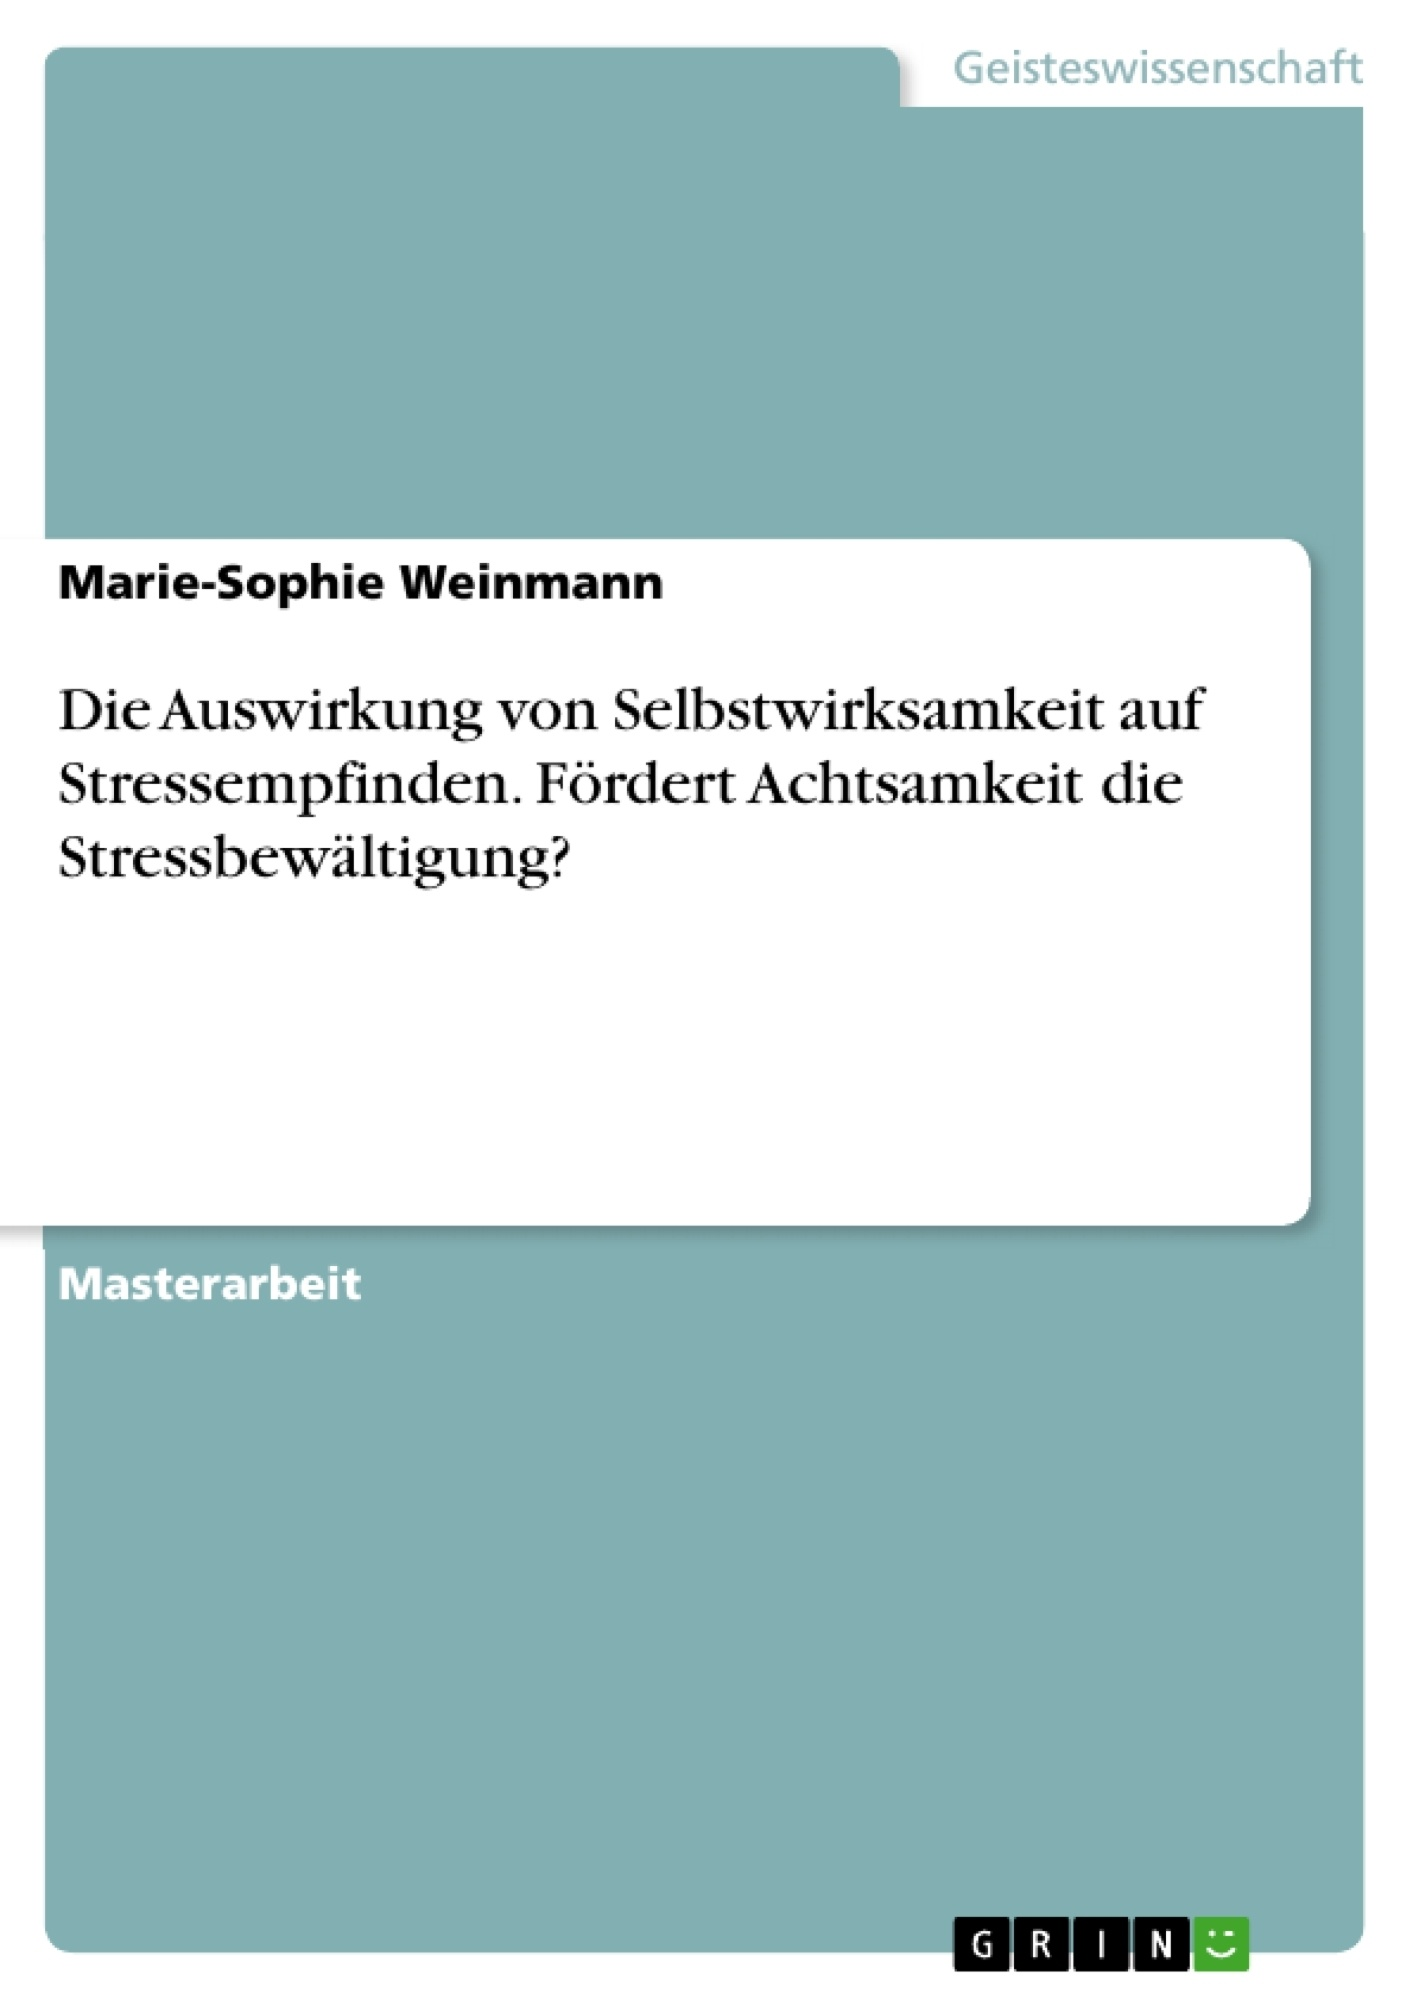 Titel: Die Auswirkung von Selbstwirksamkeit auf Stressempfinden. Fördert Achtsamkeit die Stressbewältigung?